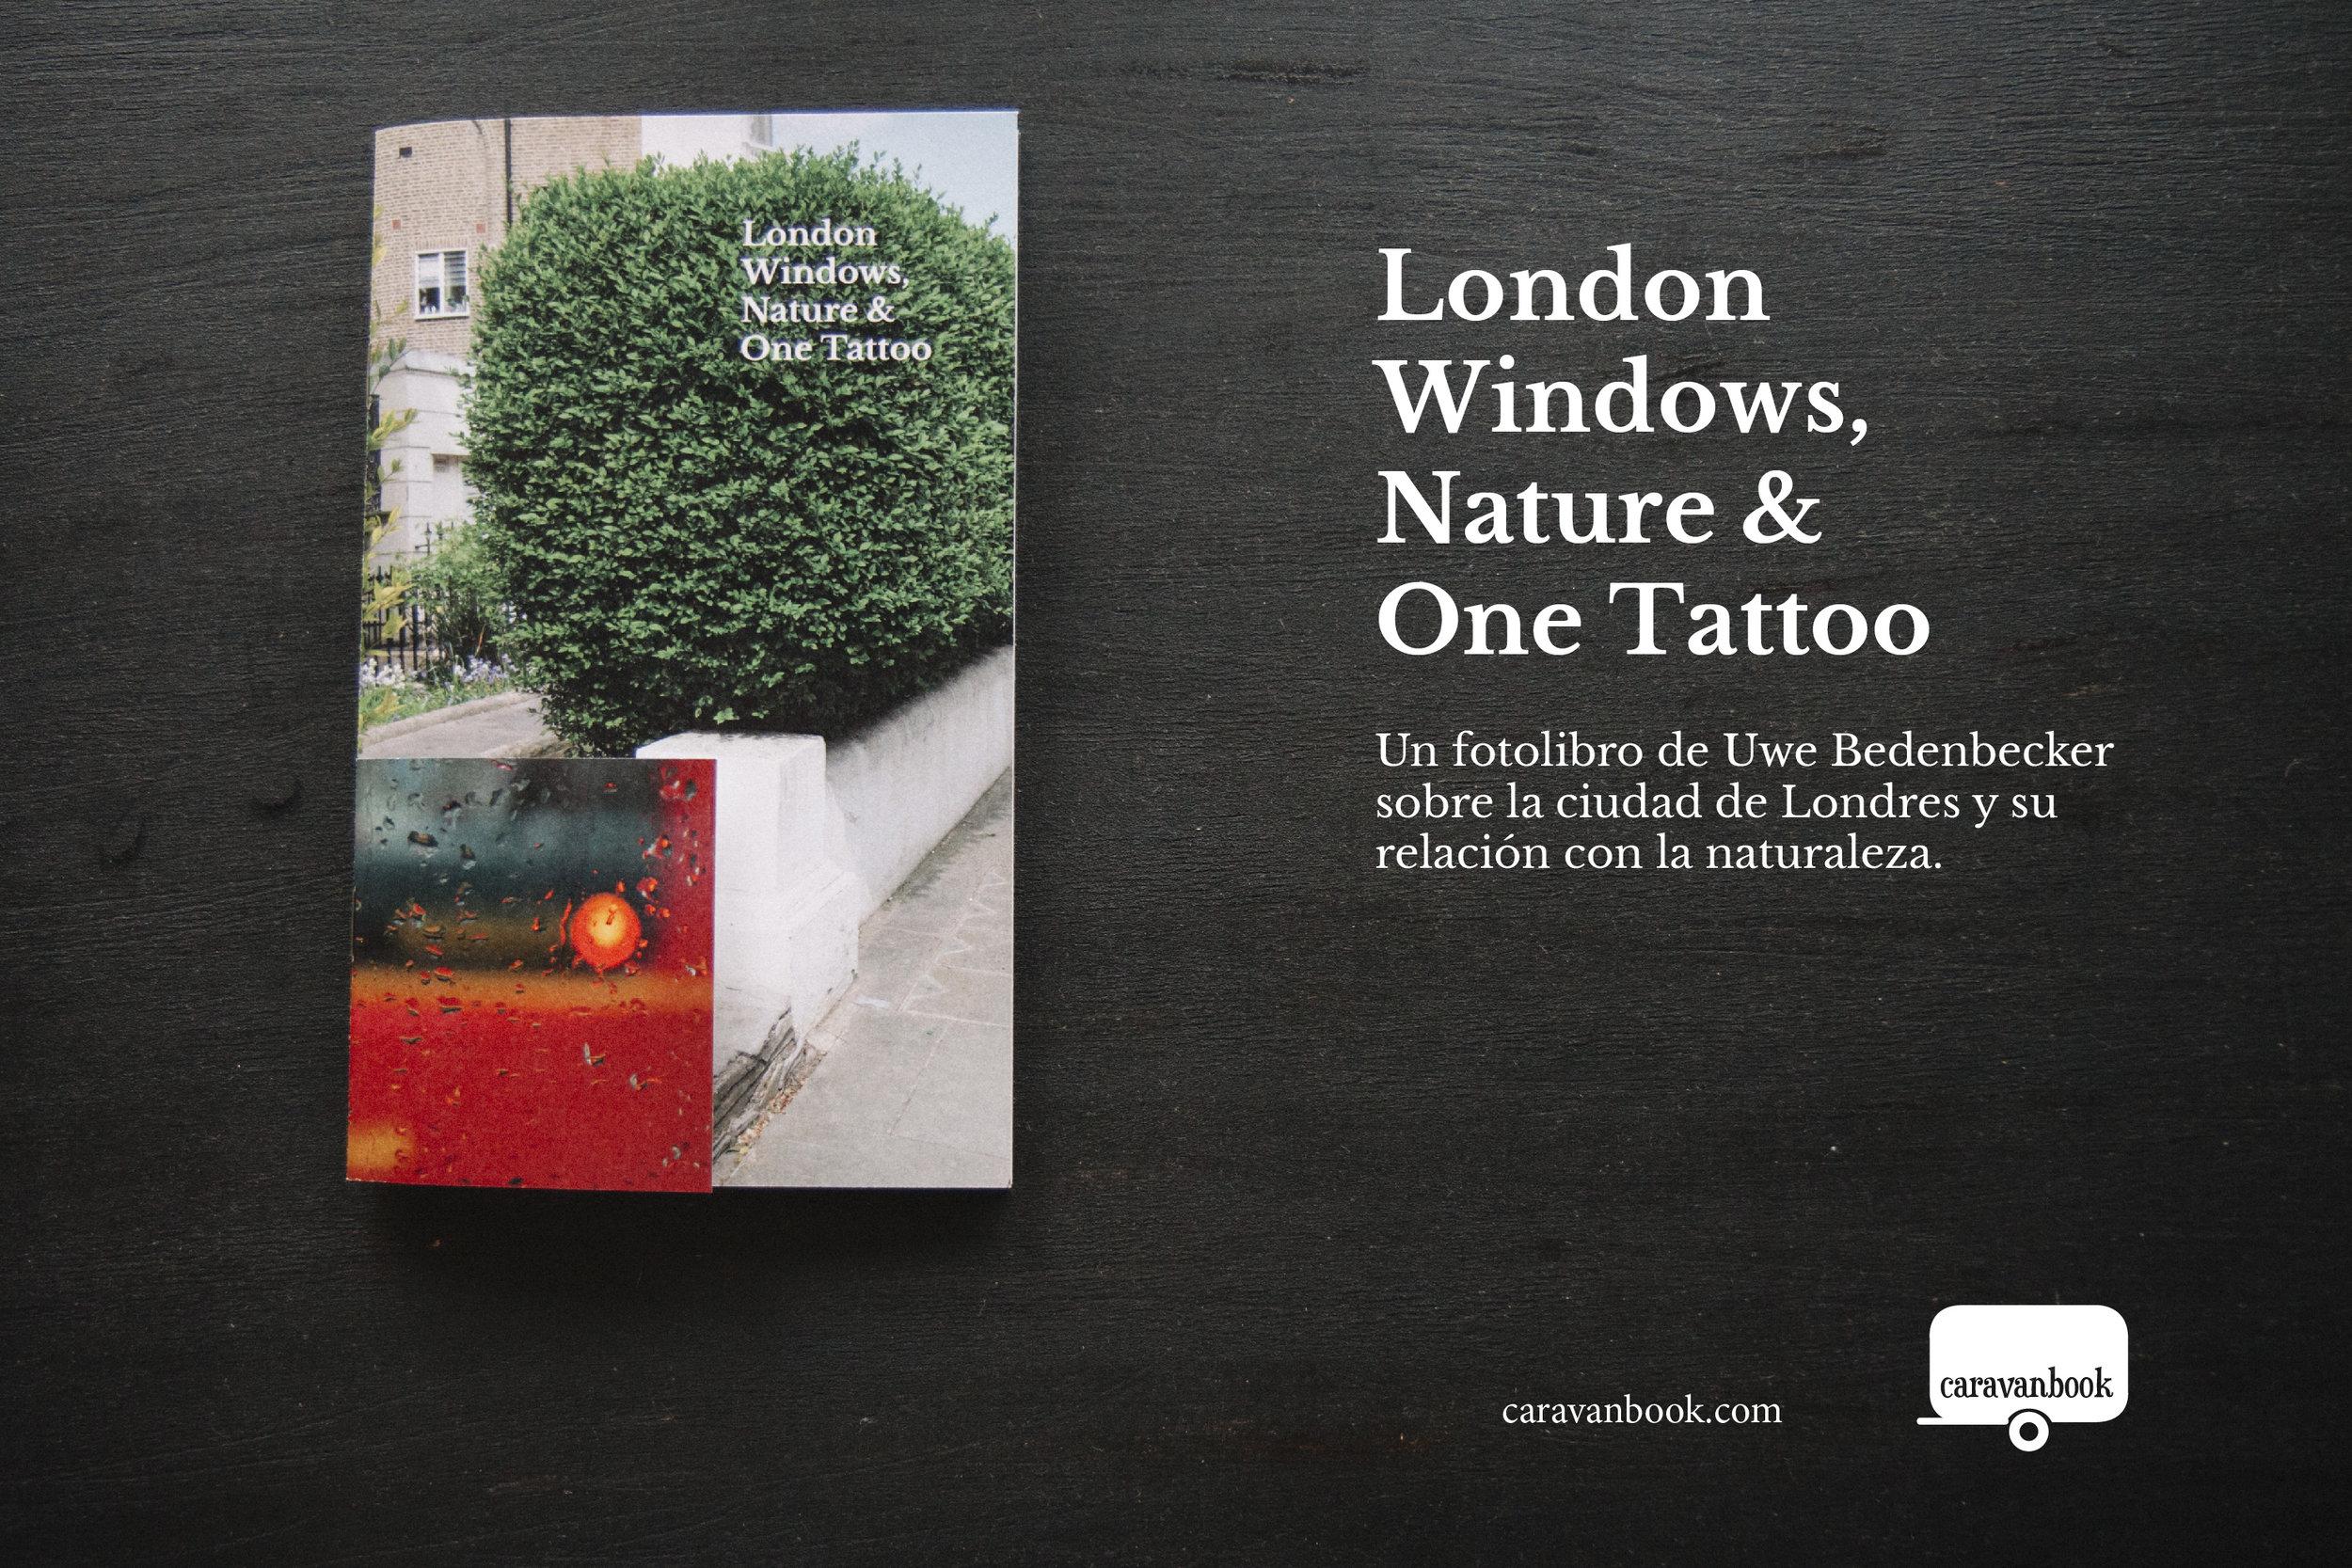 caravanbook_London_photobook_spanish.jpg